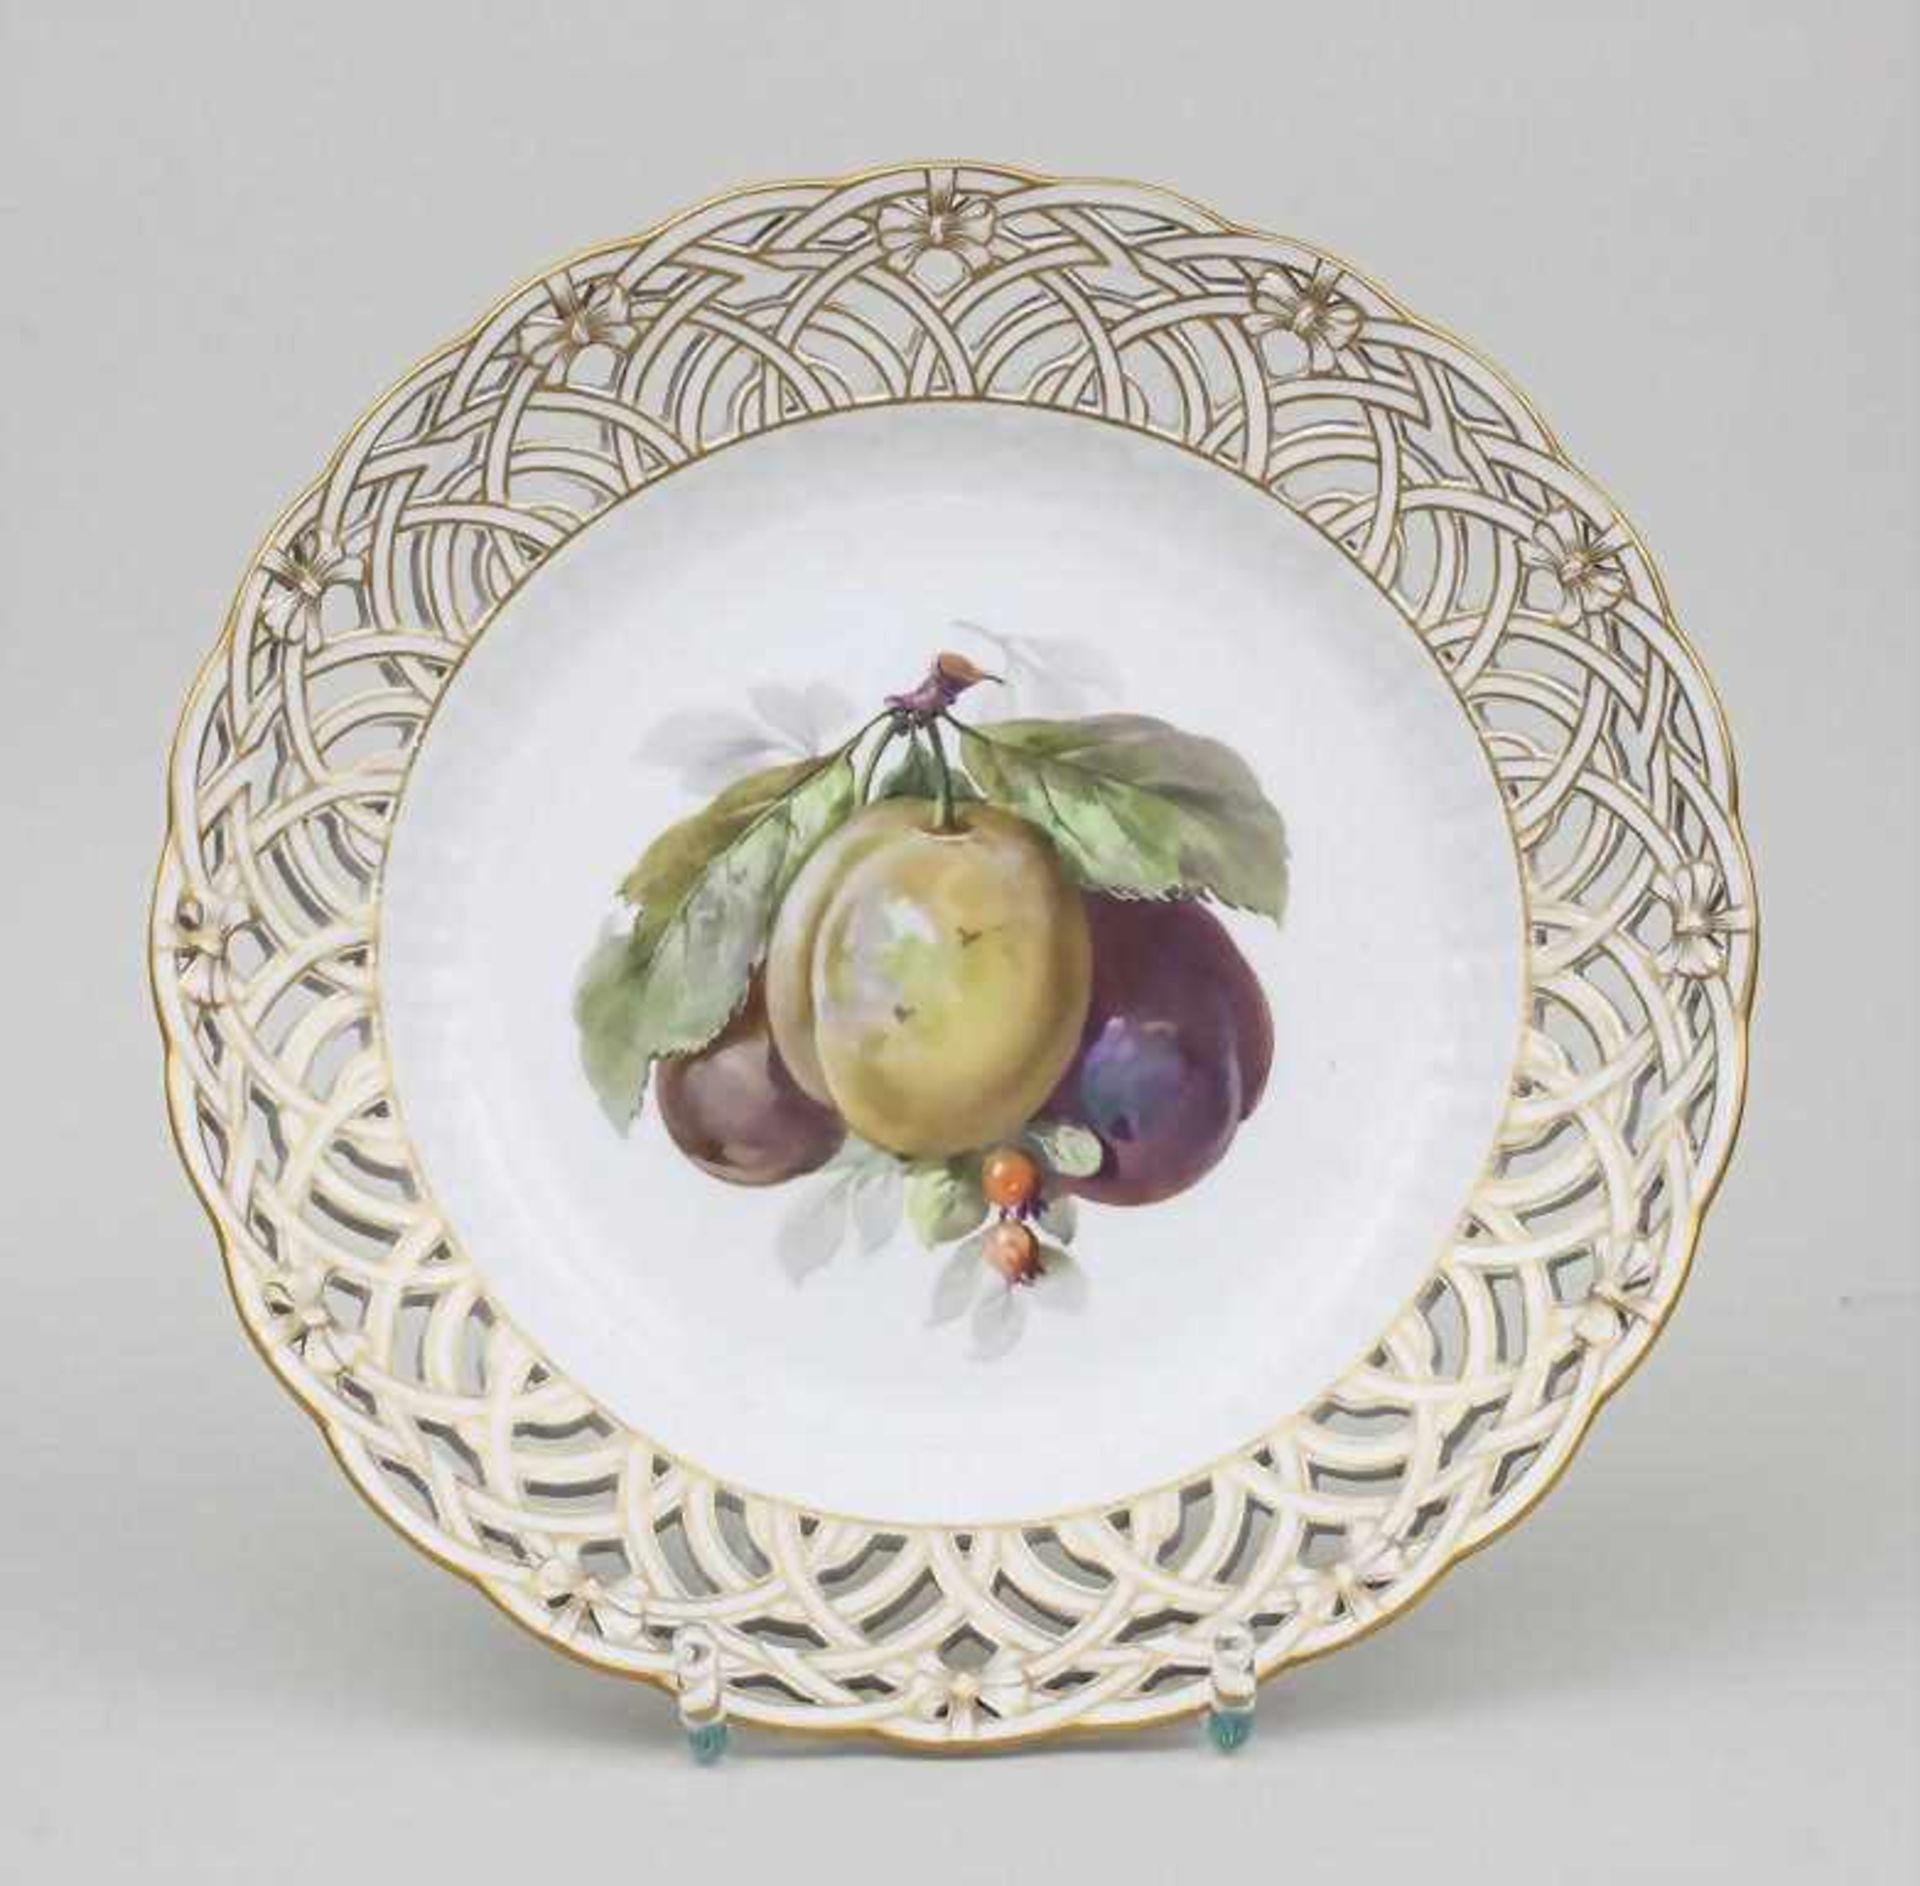 Zierteller mit Zwetschgenzweig / Plate With Plums And Berries, KPM Berlin, 2. Hälfte 19. Jh.